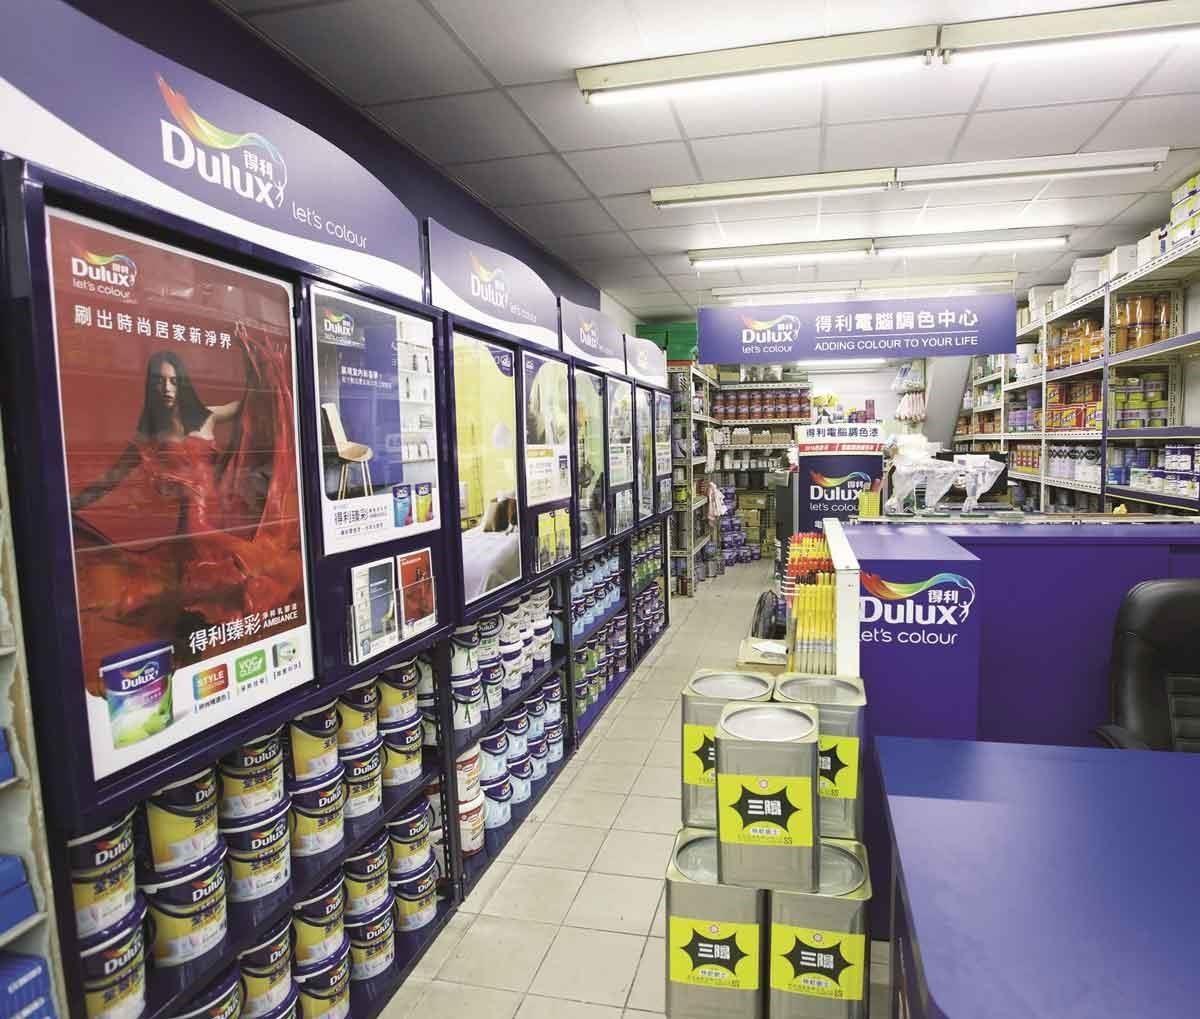 得利塗料形象店採取透明化、開放式的商品陳列,並將獨家供應 Dulux 得利塗料最新產品。例如目前詢問度最熱門的得利臻彩質感漆,消費者可於得利塗料形象店優先購得!